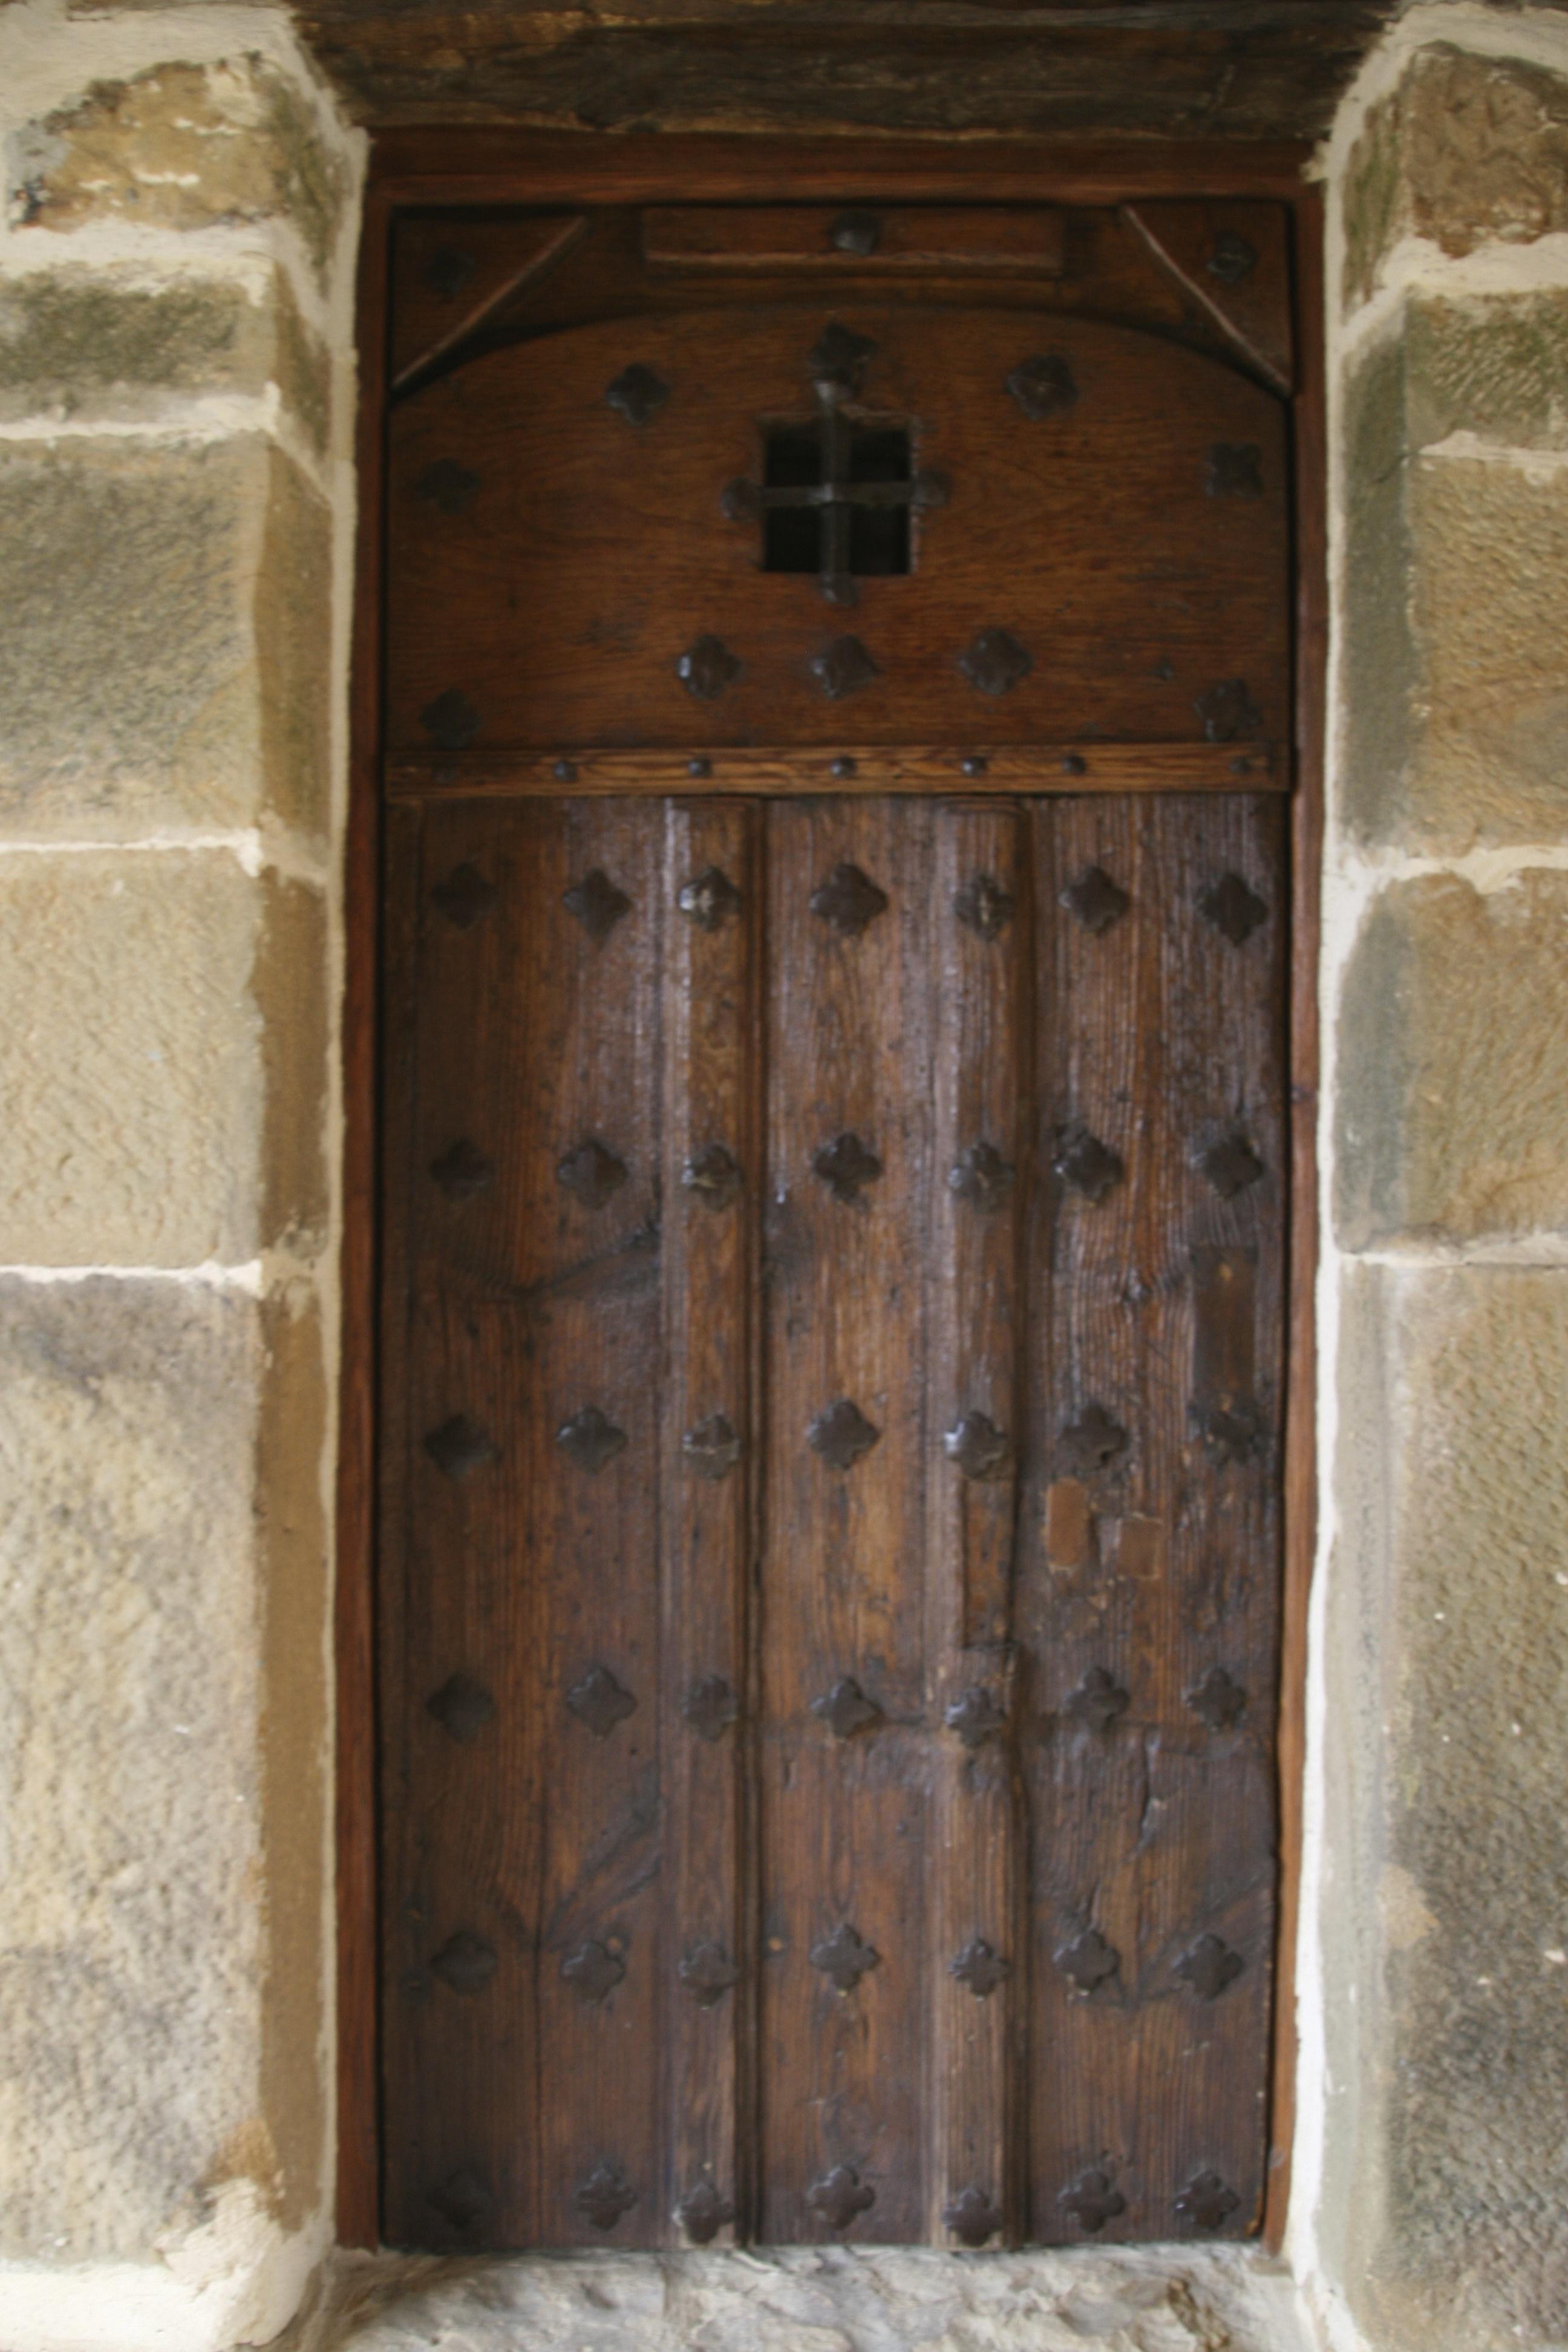 https://navamuel.com/images/Edificios/Puerta.jpg